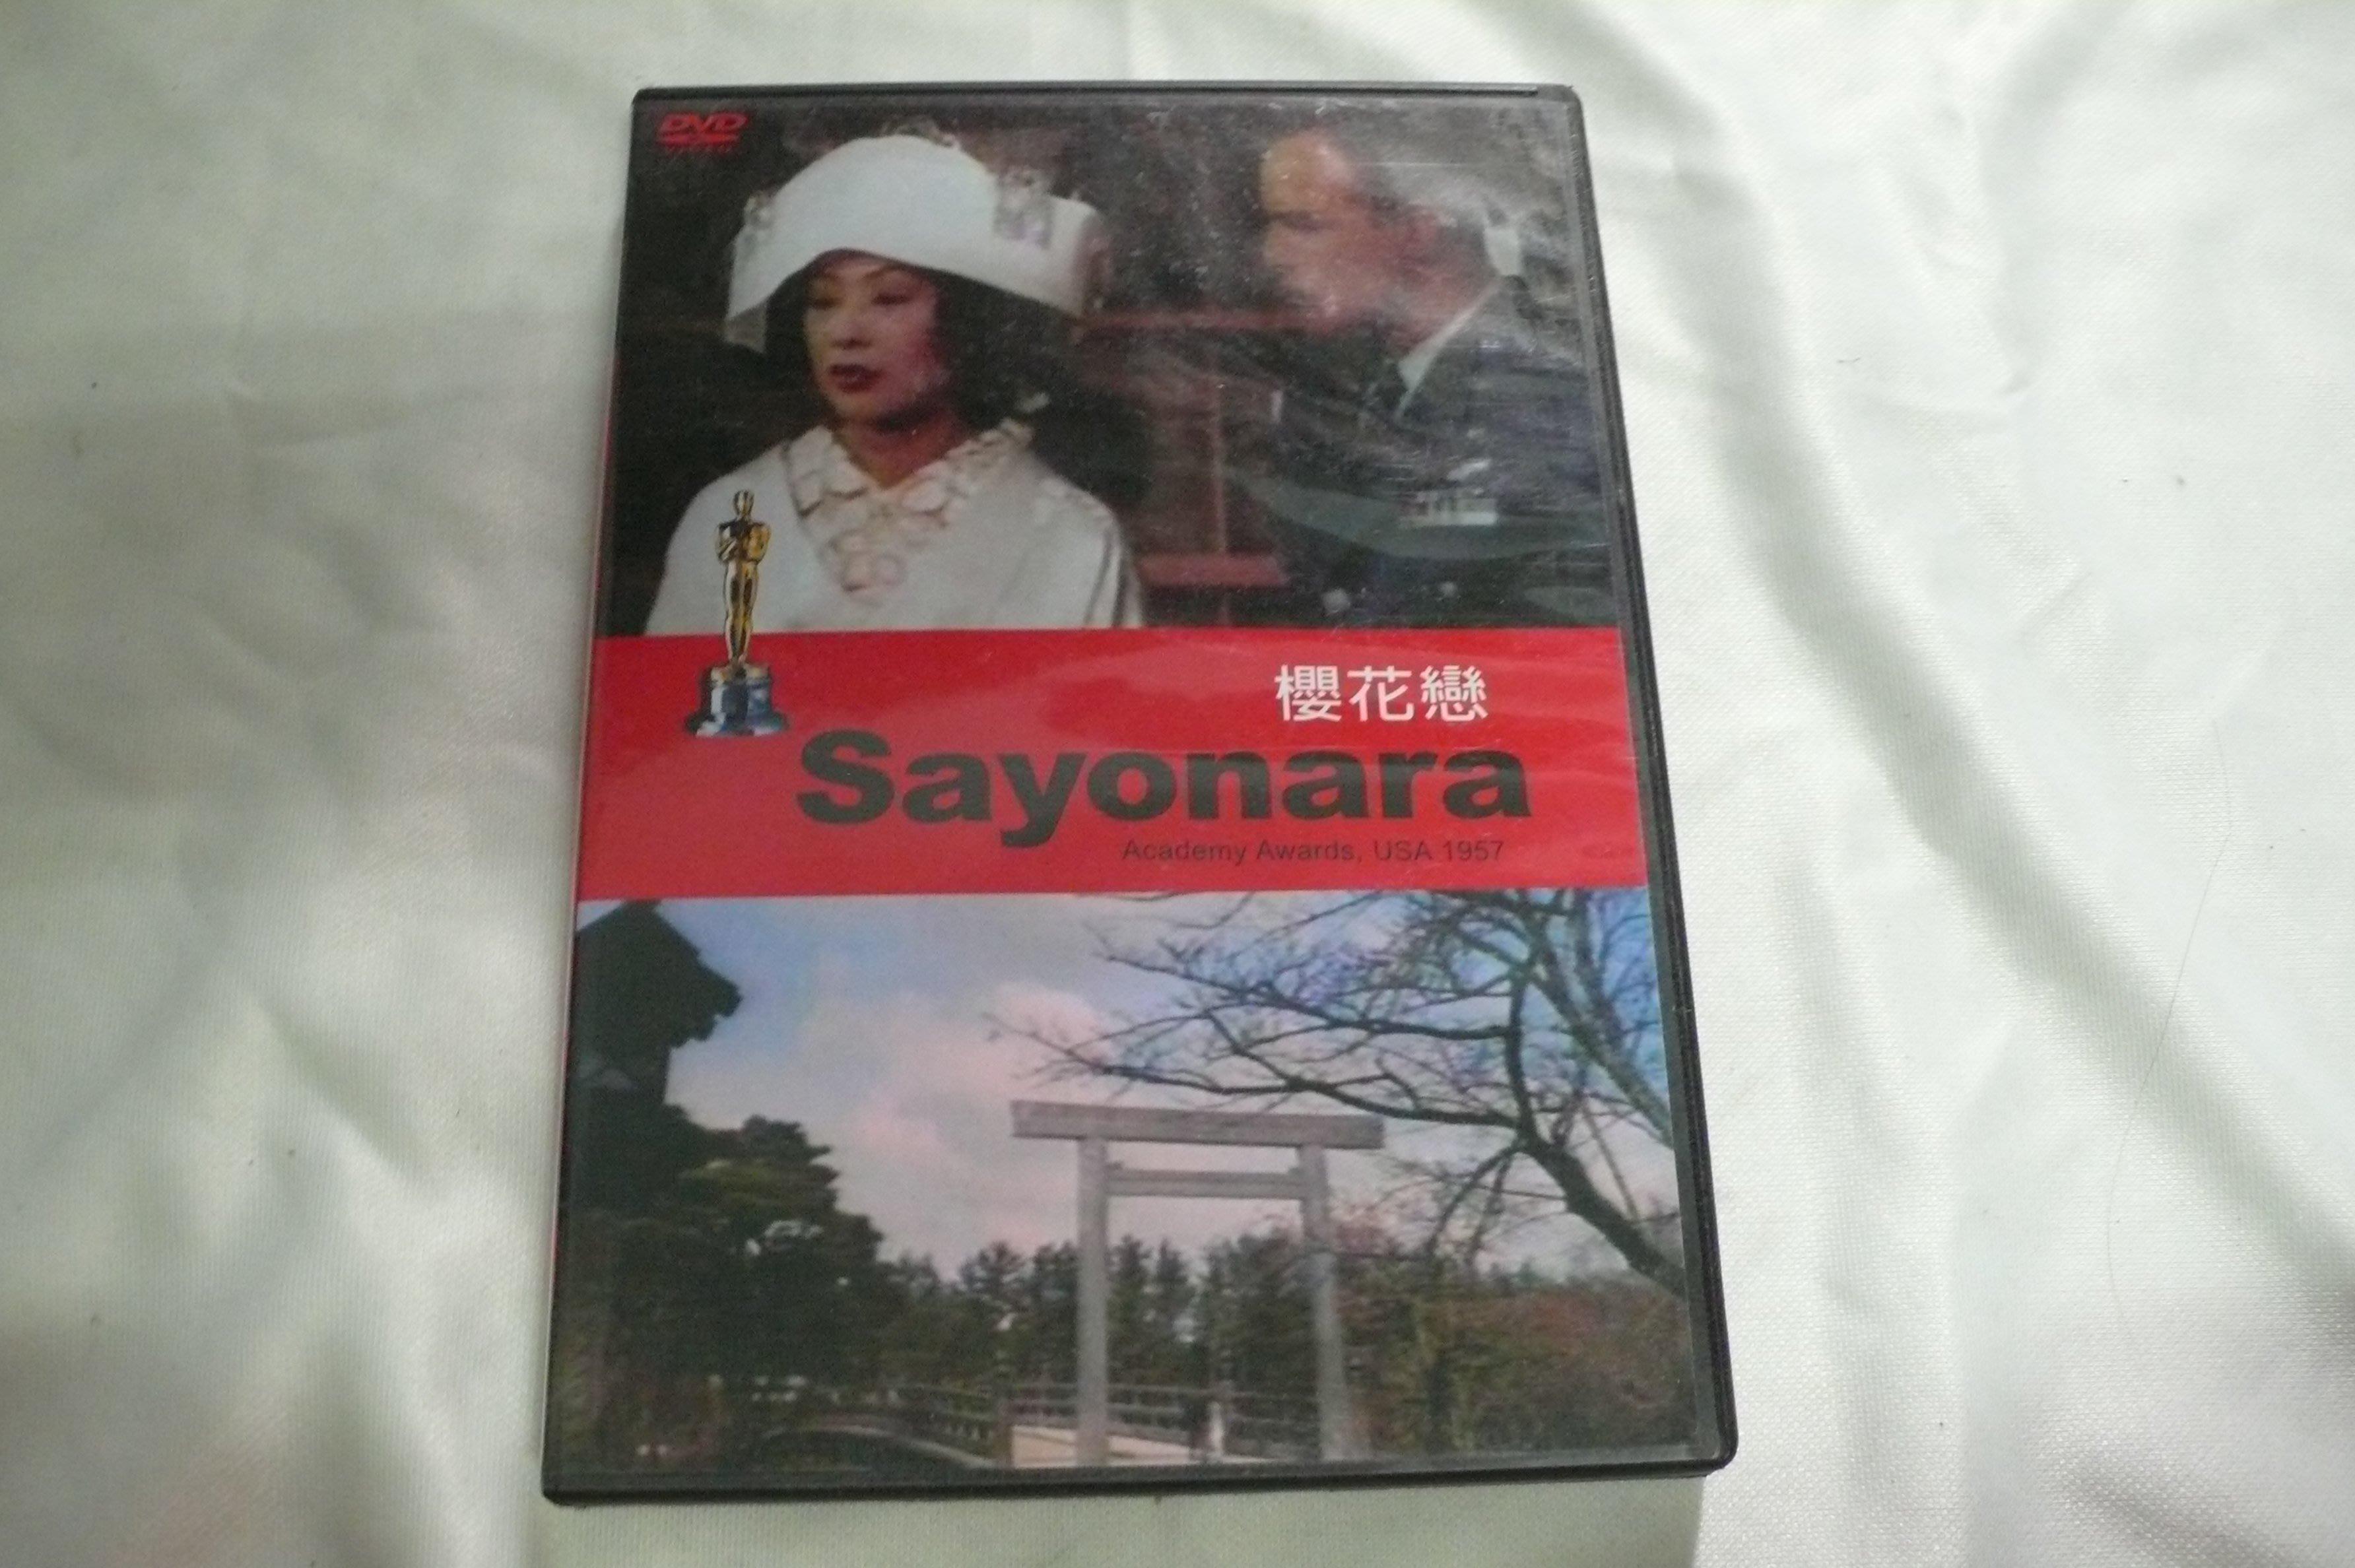 雲閣555~DVD_櫻花戀 sayonara